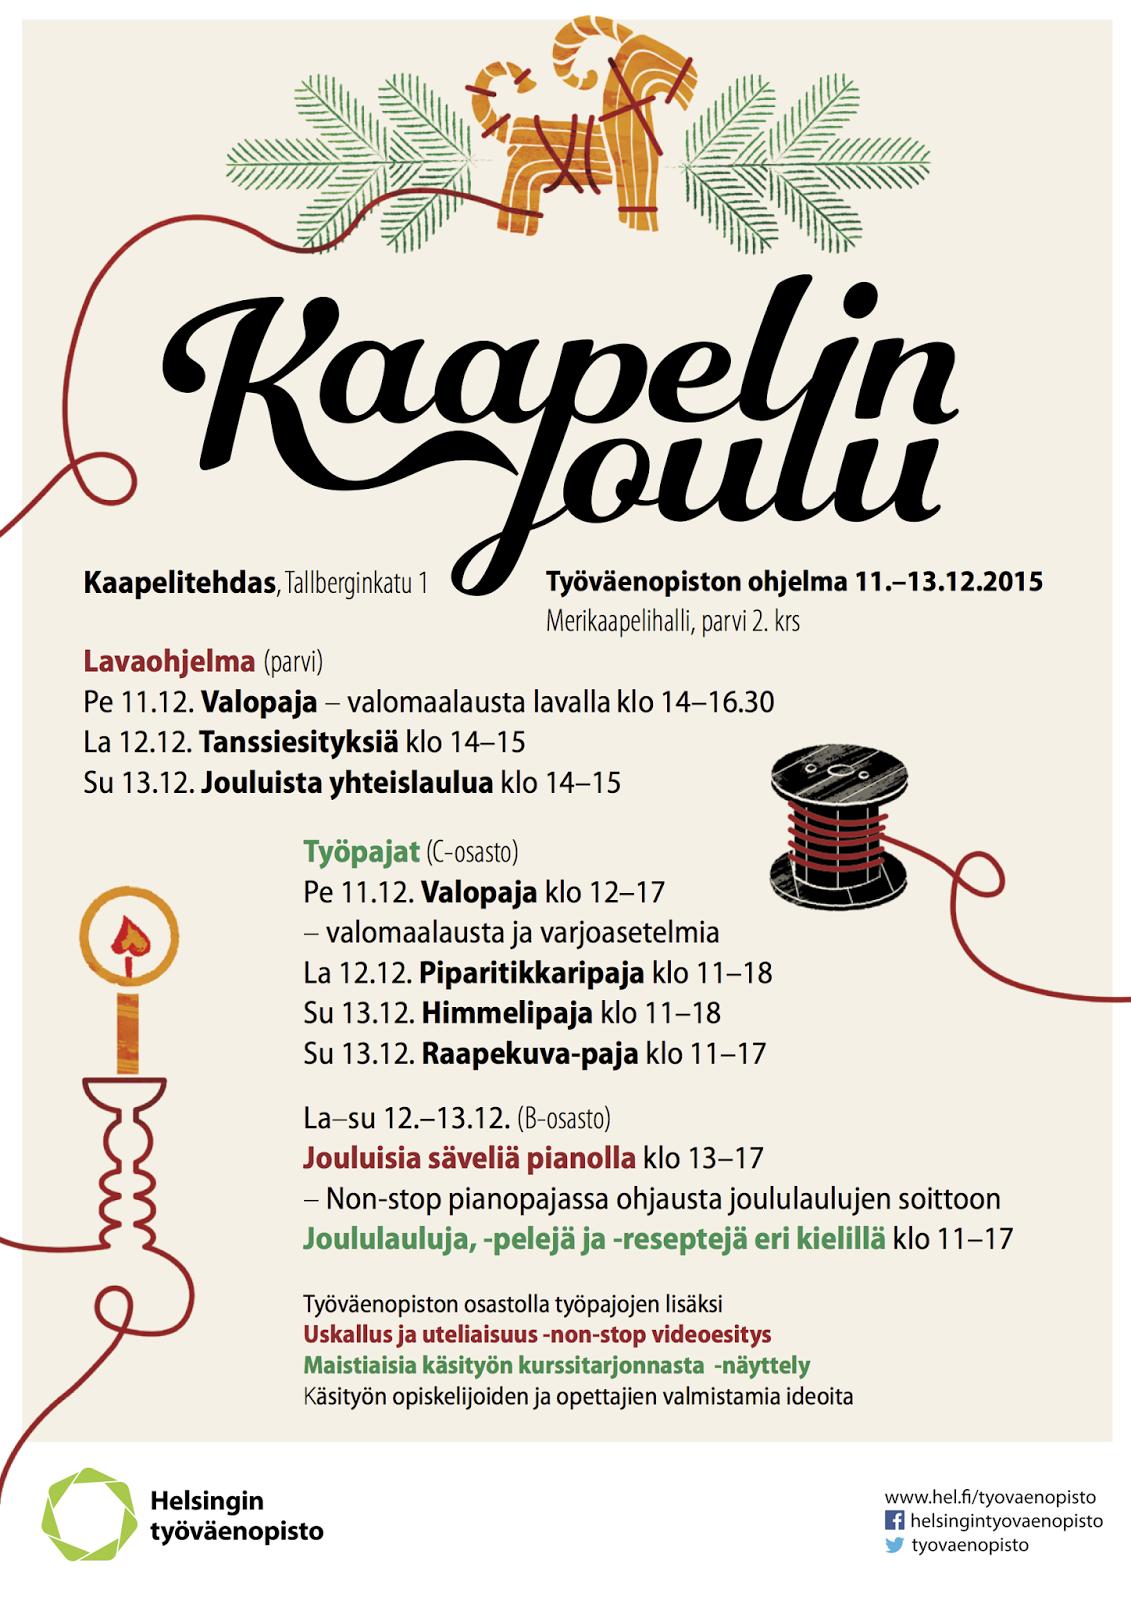 työväenopisto helsinki kurssit 2014